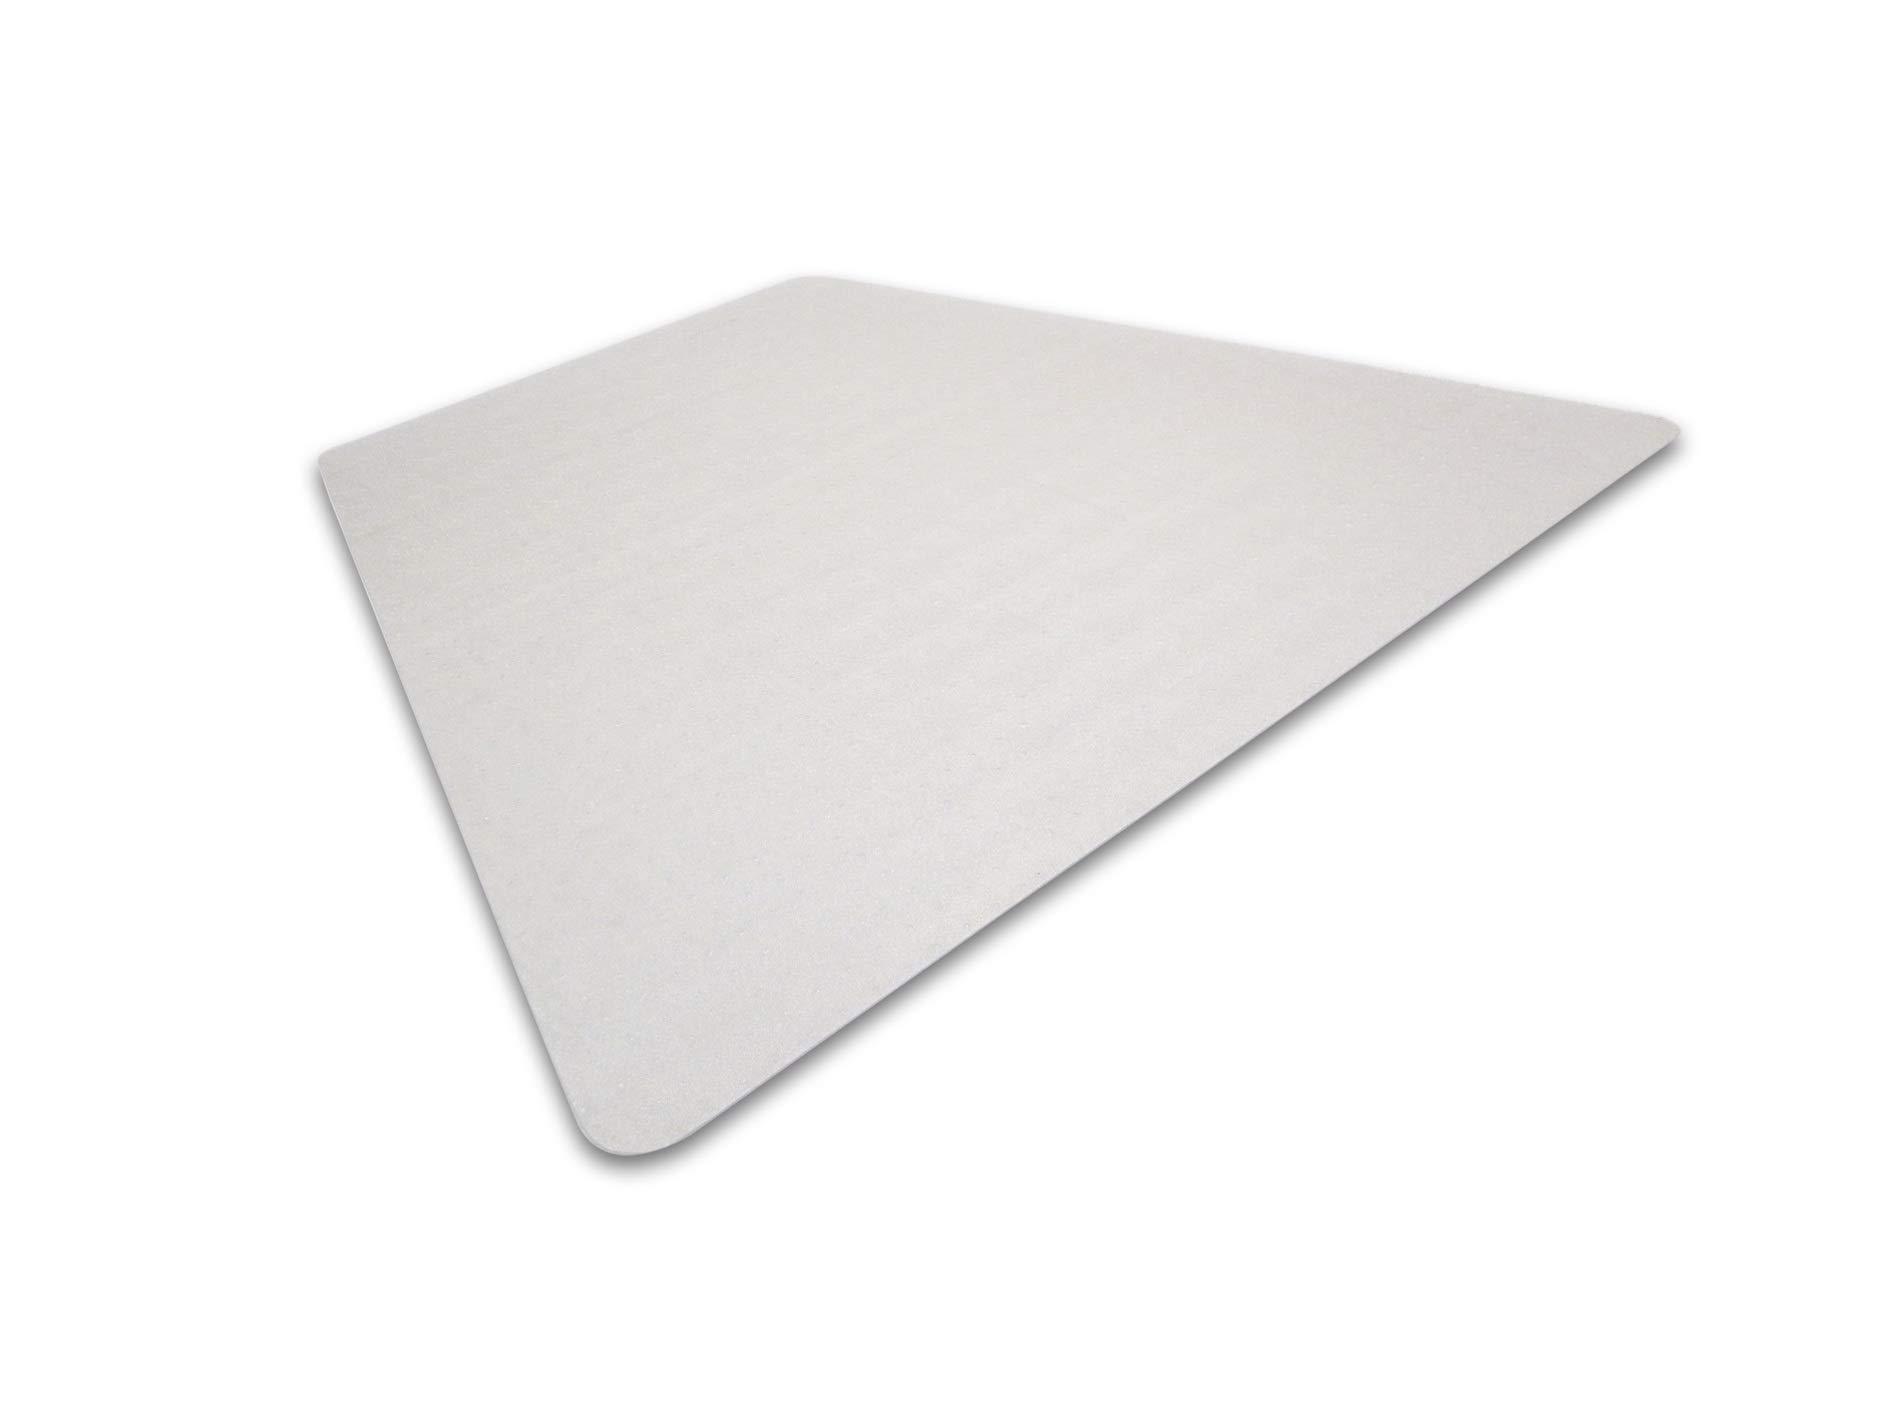 Cleartex Advantagemat, PVC Corner Workstation Chair Mat, for Medium Pile Carpets (3/4'' or Less), Size 48'' x 60'' (FR1115230TR)